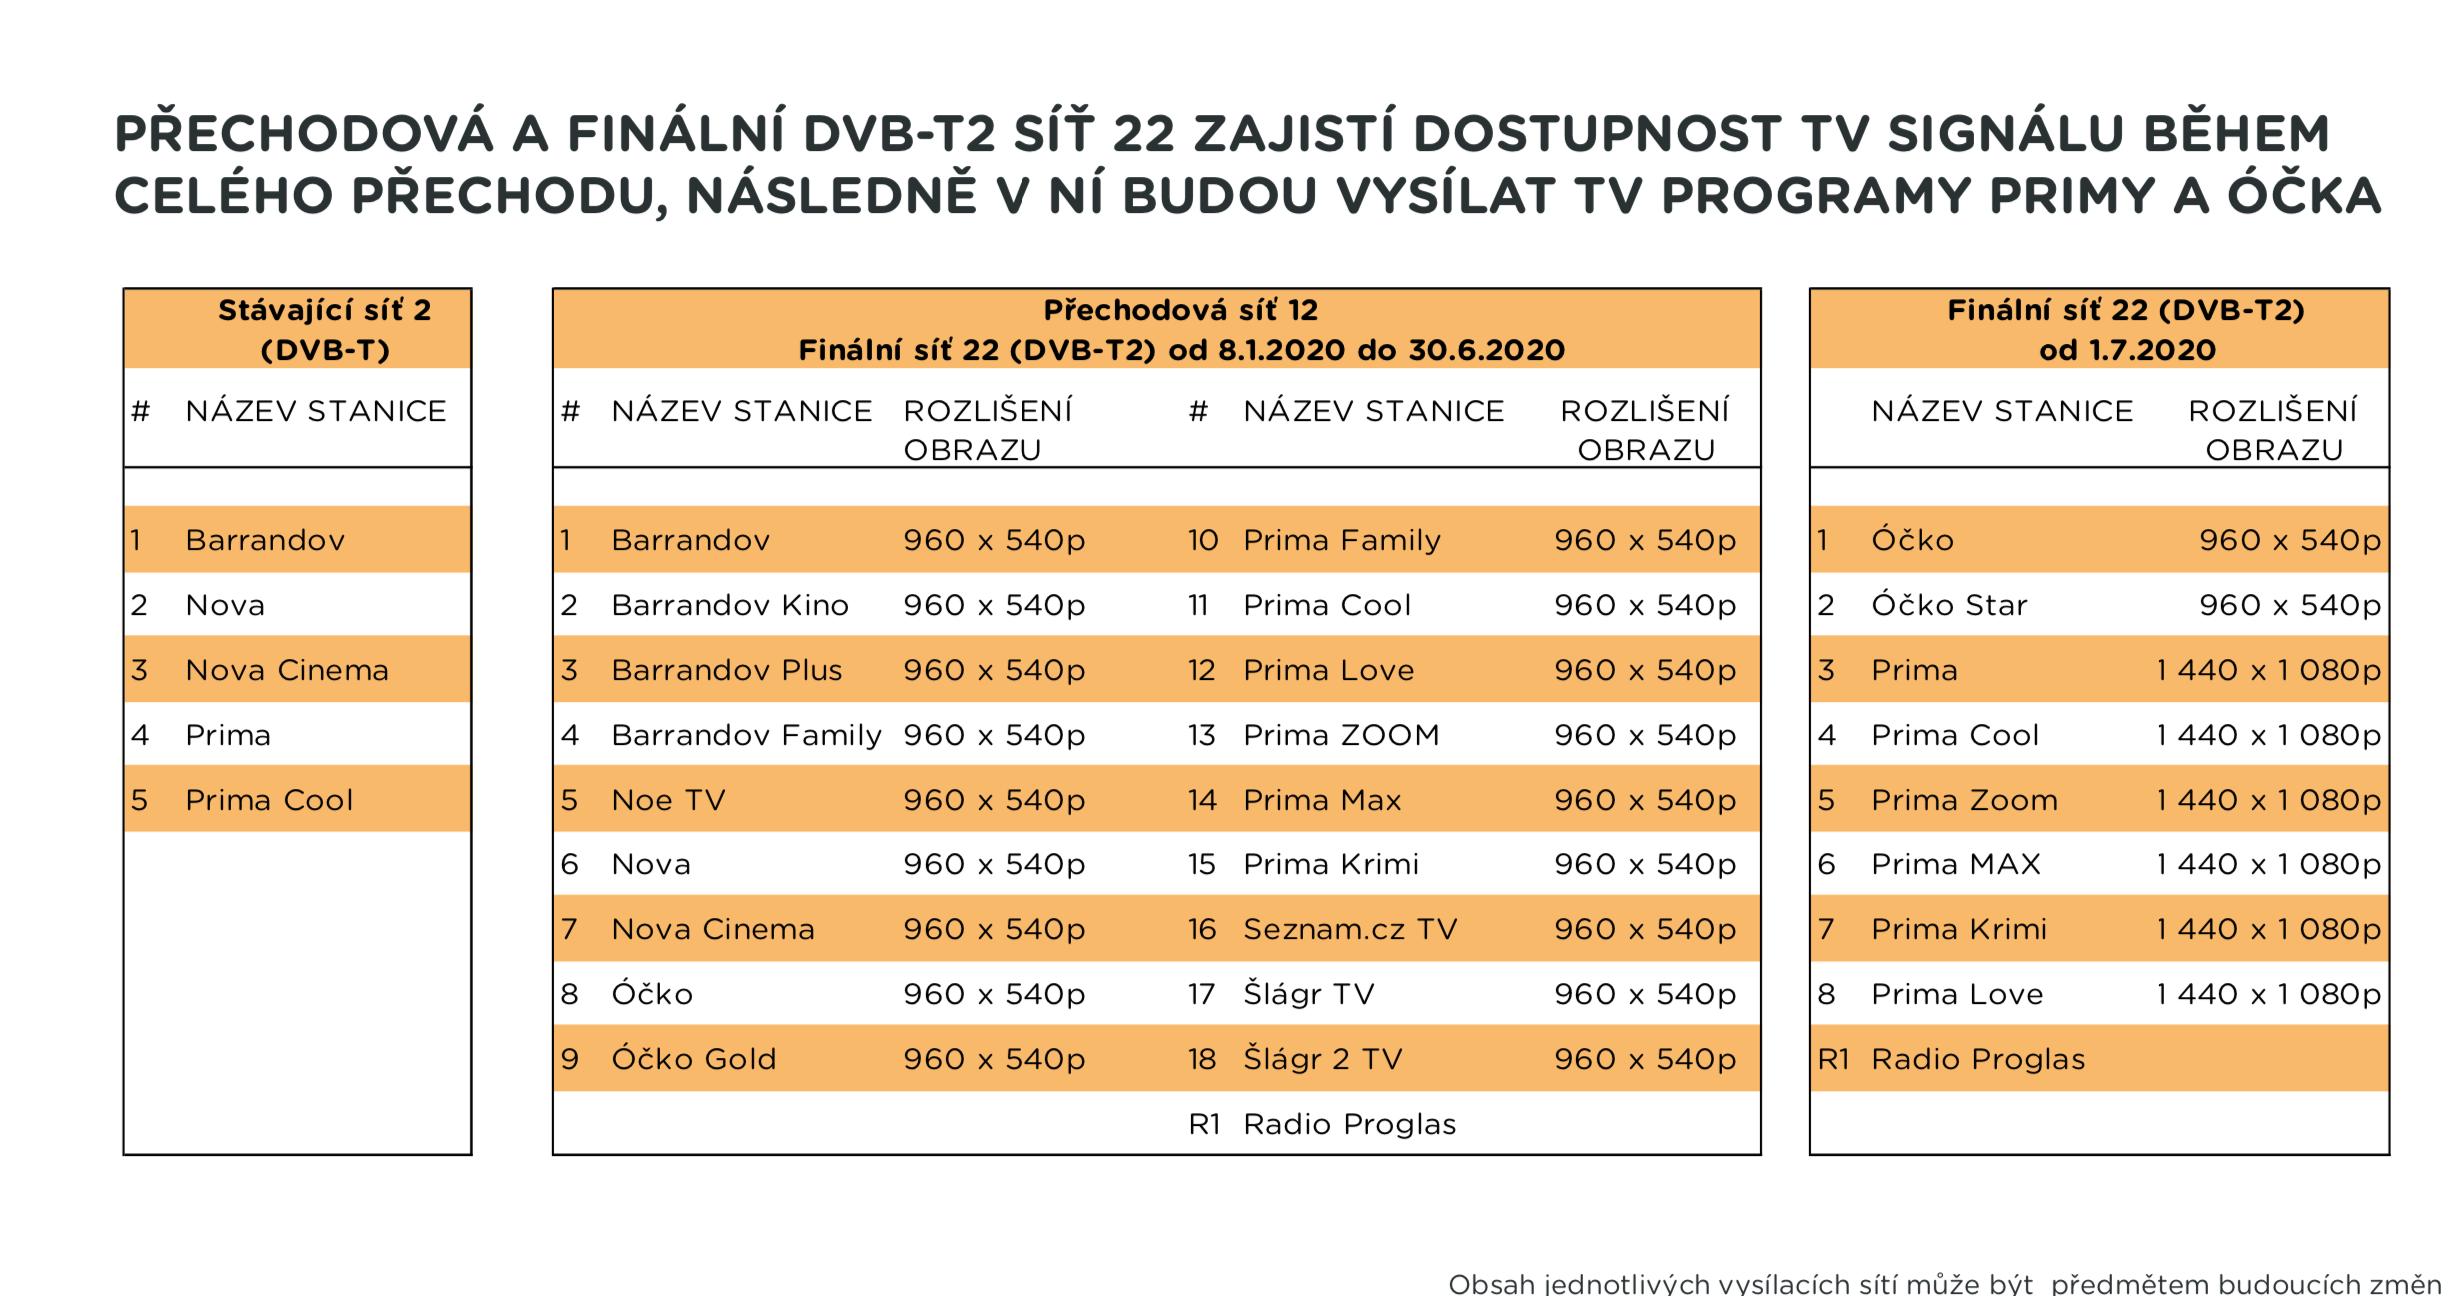 Co v DVB-t2 přinese síť 22